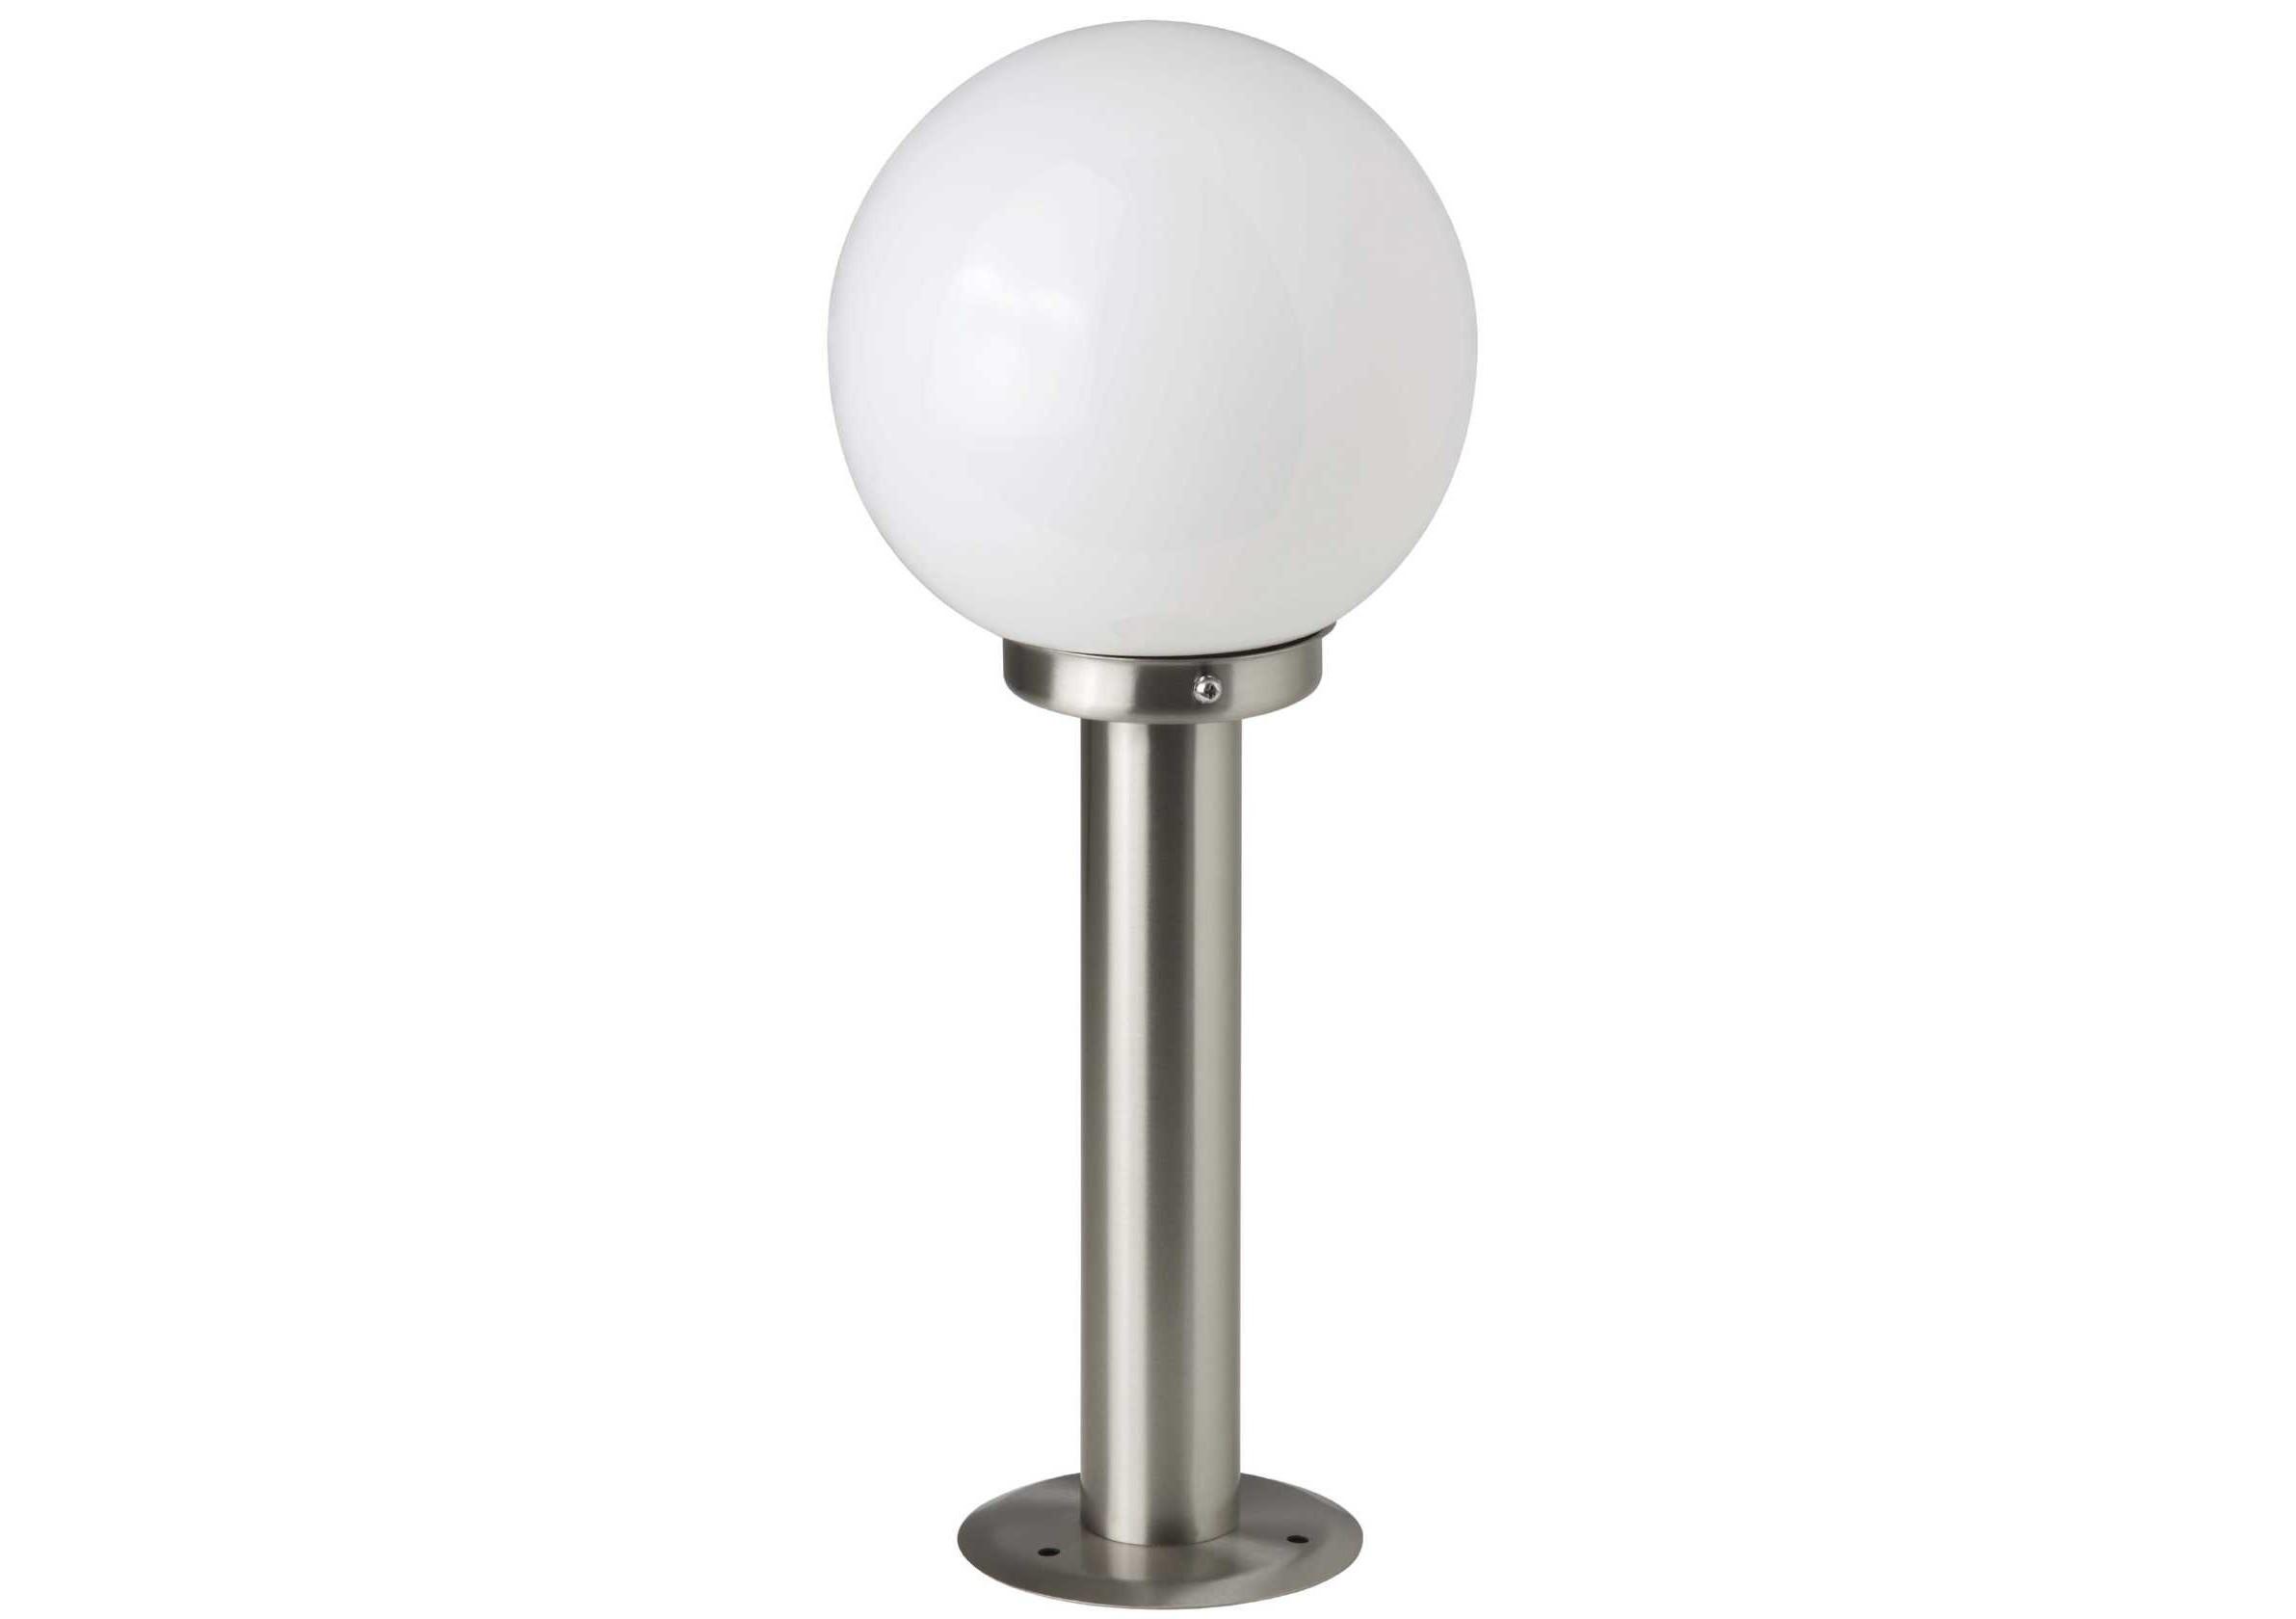 Светильник уличный AalborgУличные наземные светильники<br>&amp;lt;div&amp;gt;Вид цоколя: Е27&amp;lt;/div&amp;gt;&amp;lt;div&amp;gt;Мощность лампы: 60W&amp;lt;/div&amp;gt;&amp;lt;div&amp;gt;Количество ламп: 1&amp;lt;/div&amp;gt;&amp;lt;div&amp;gt;Наличие ламп: нет&amp;lt;/div&amp;gt;<br><br>Material: Стекло<br>Height см: 44<br>Diameter см: 20